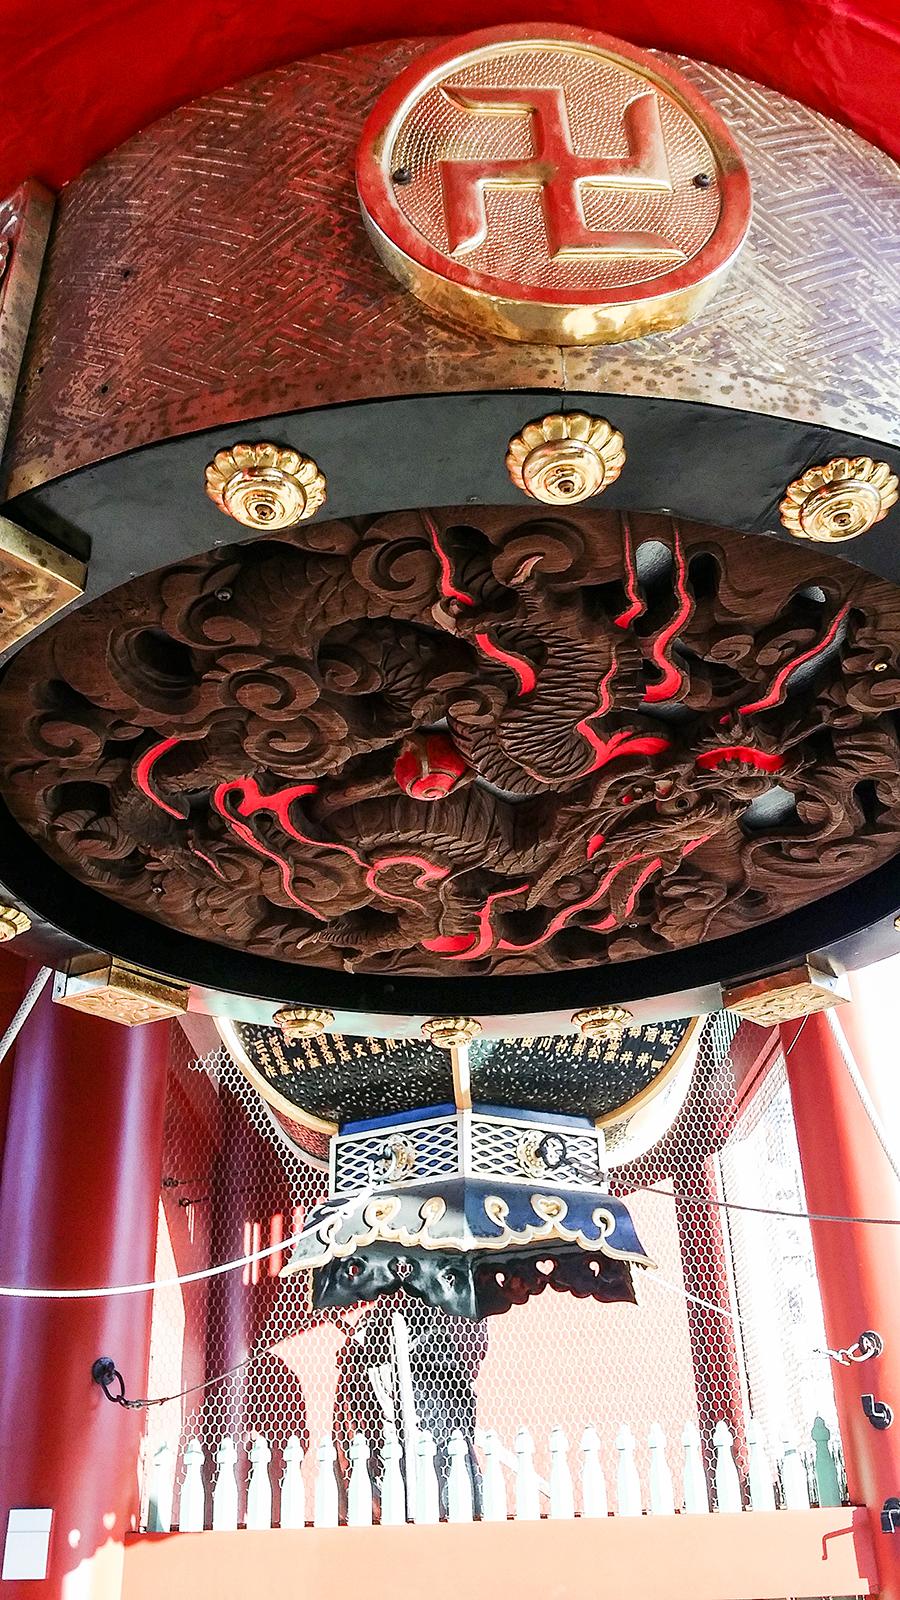 Underside of lantern at the Kaminarimon of Sensoji, Asakusa Tokyo Japan.